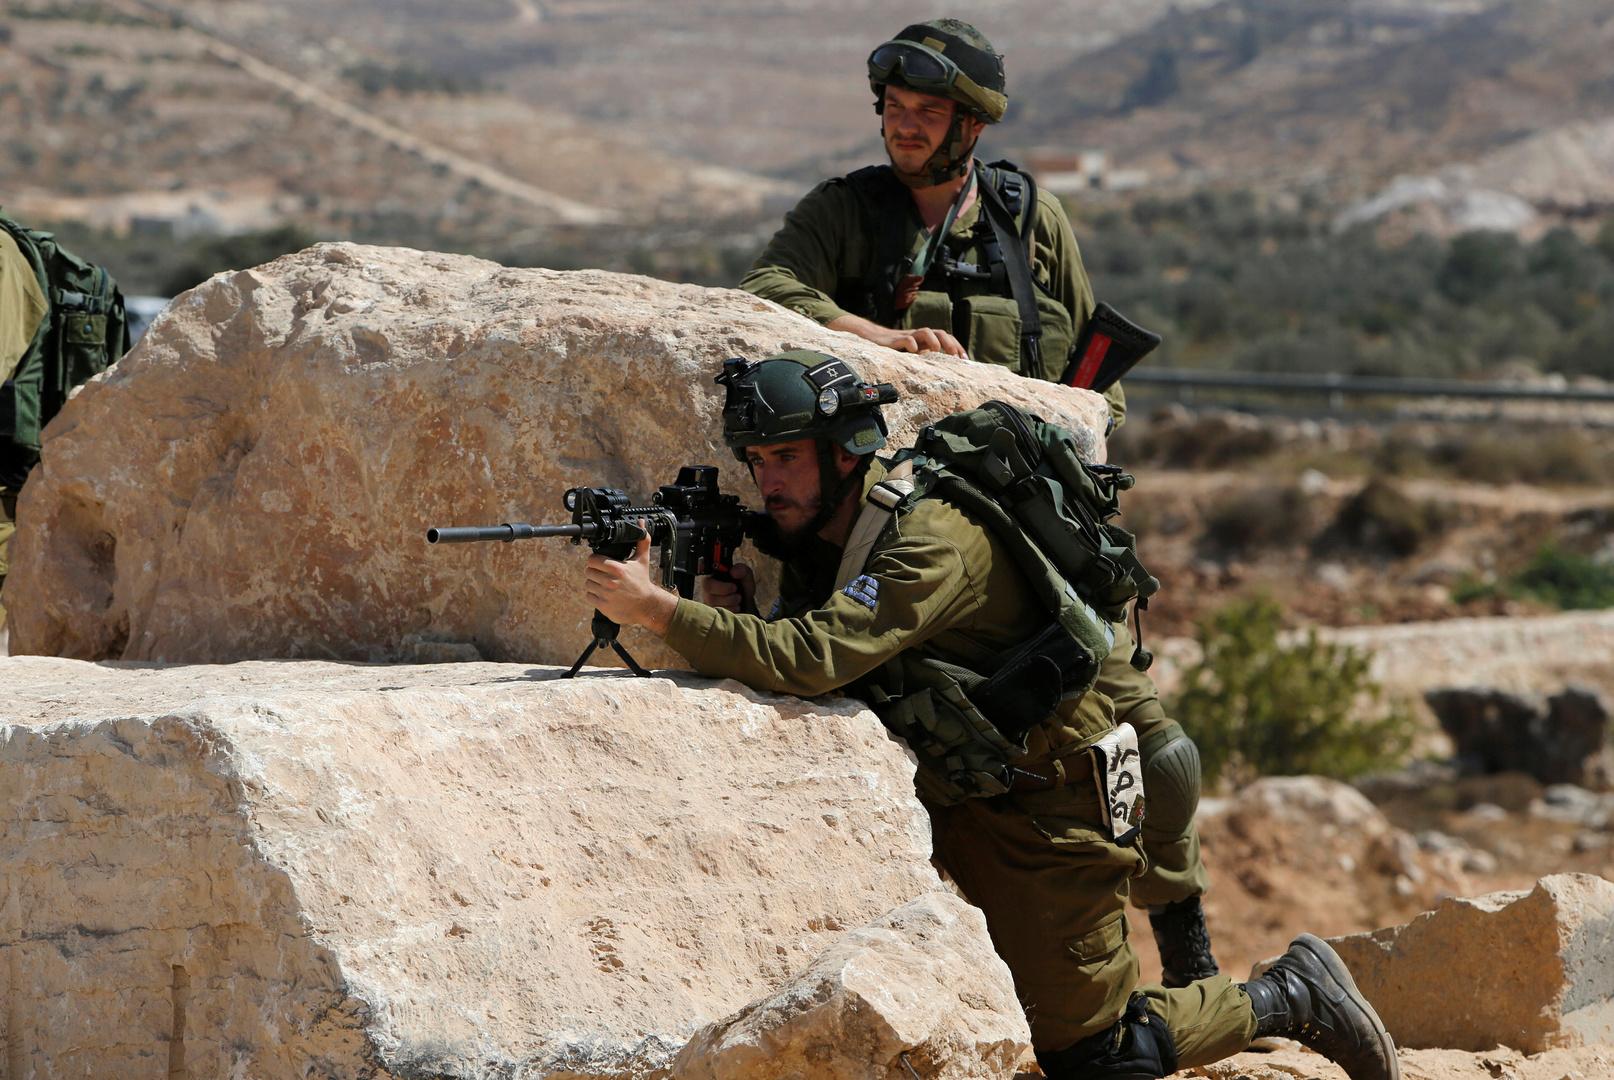 الصحة الفلسطينية تعلن مقتل طفل متأثرا بإصابته برصاص الجيش الإسرائيلي